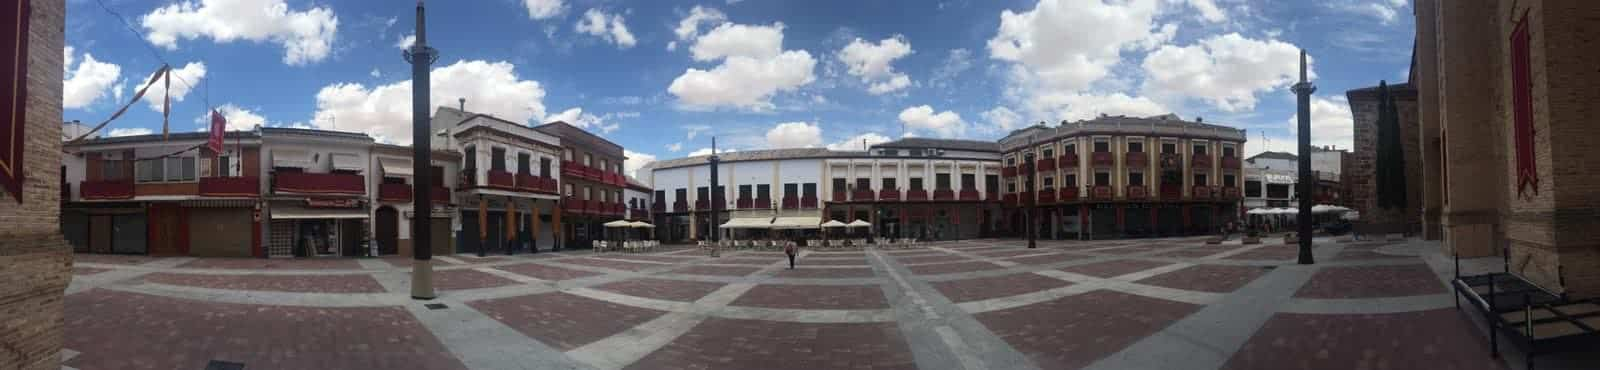 Herencia para el programa Especial Fin de Año en Castilla-La Mancha 3